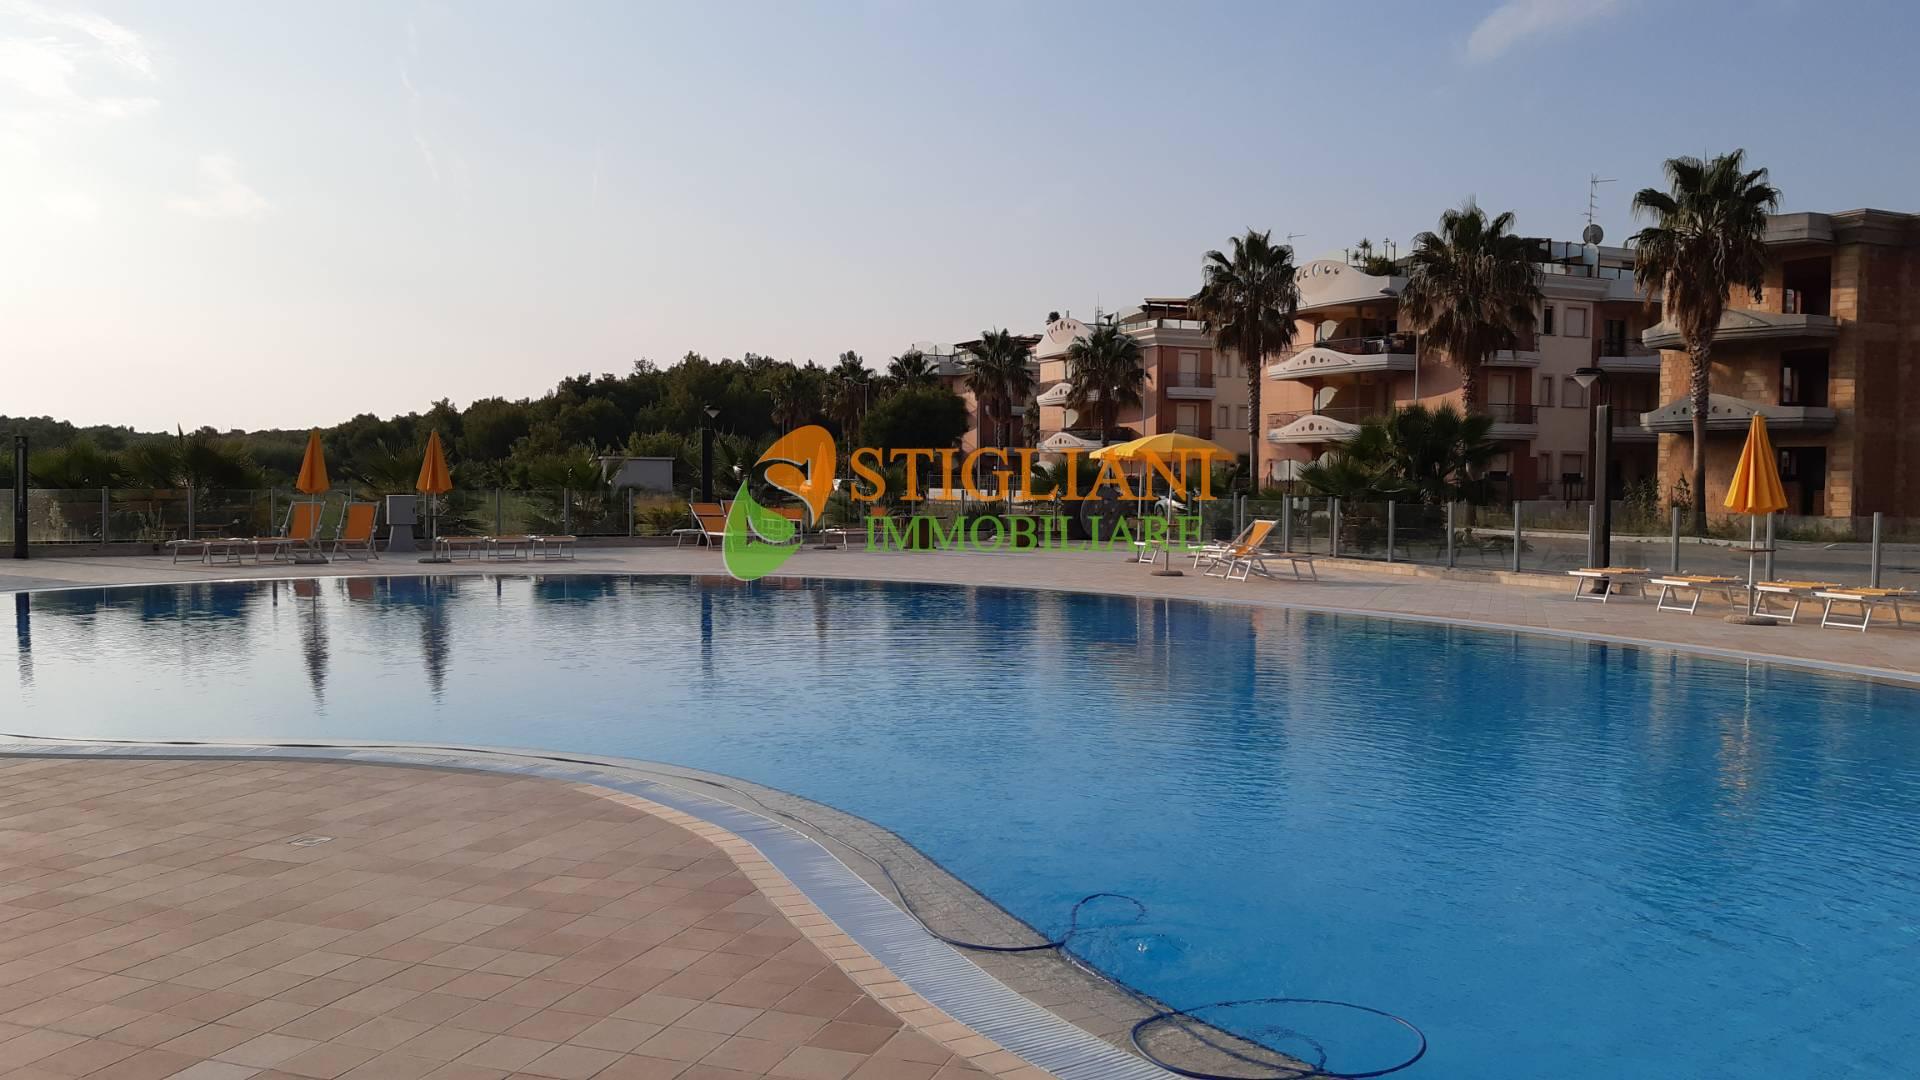 Appartamento in vendita a Campomarino, 2 locali, zona Località: ViaVanoni, Trattative riservate | PortaleAgenzieImmobiliari.it